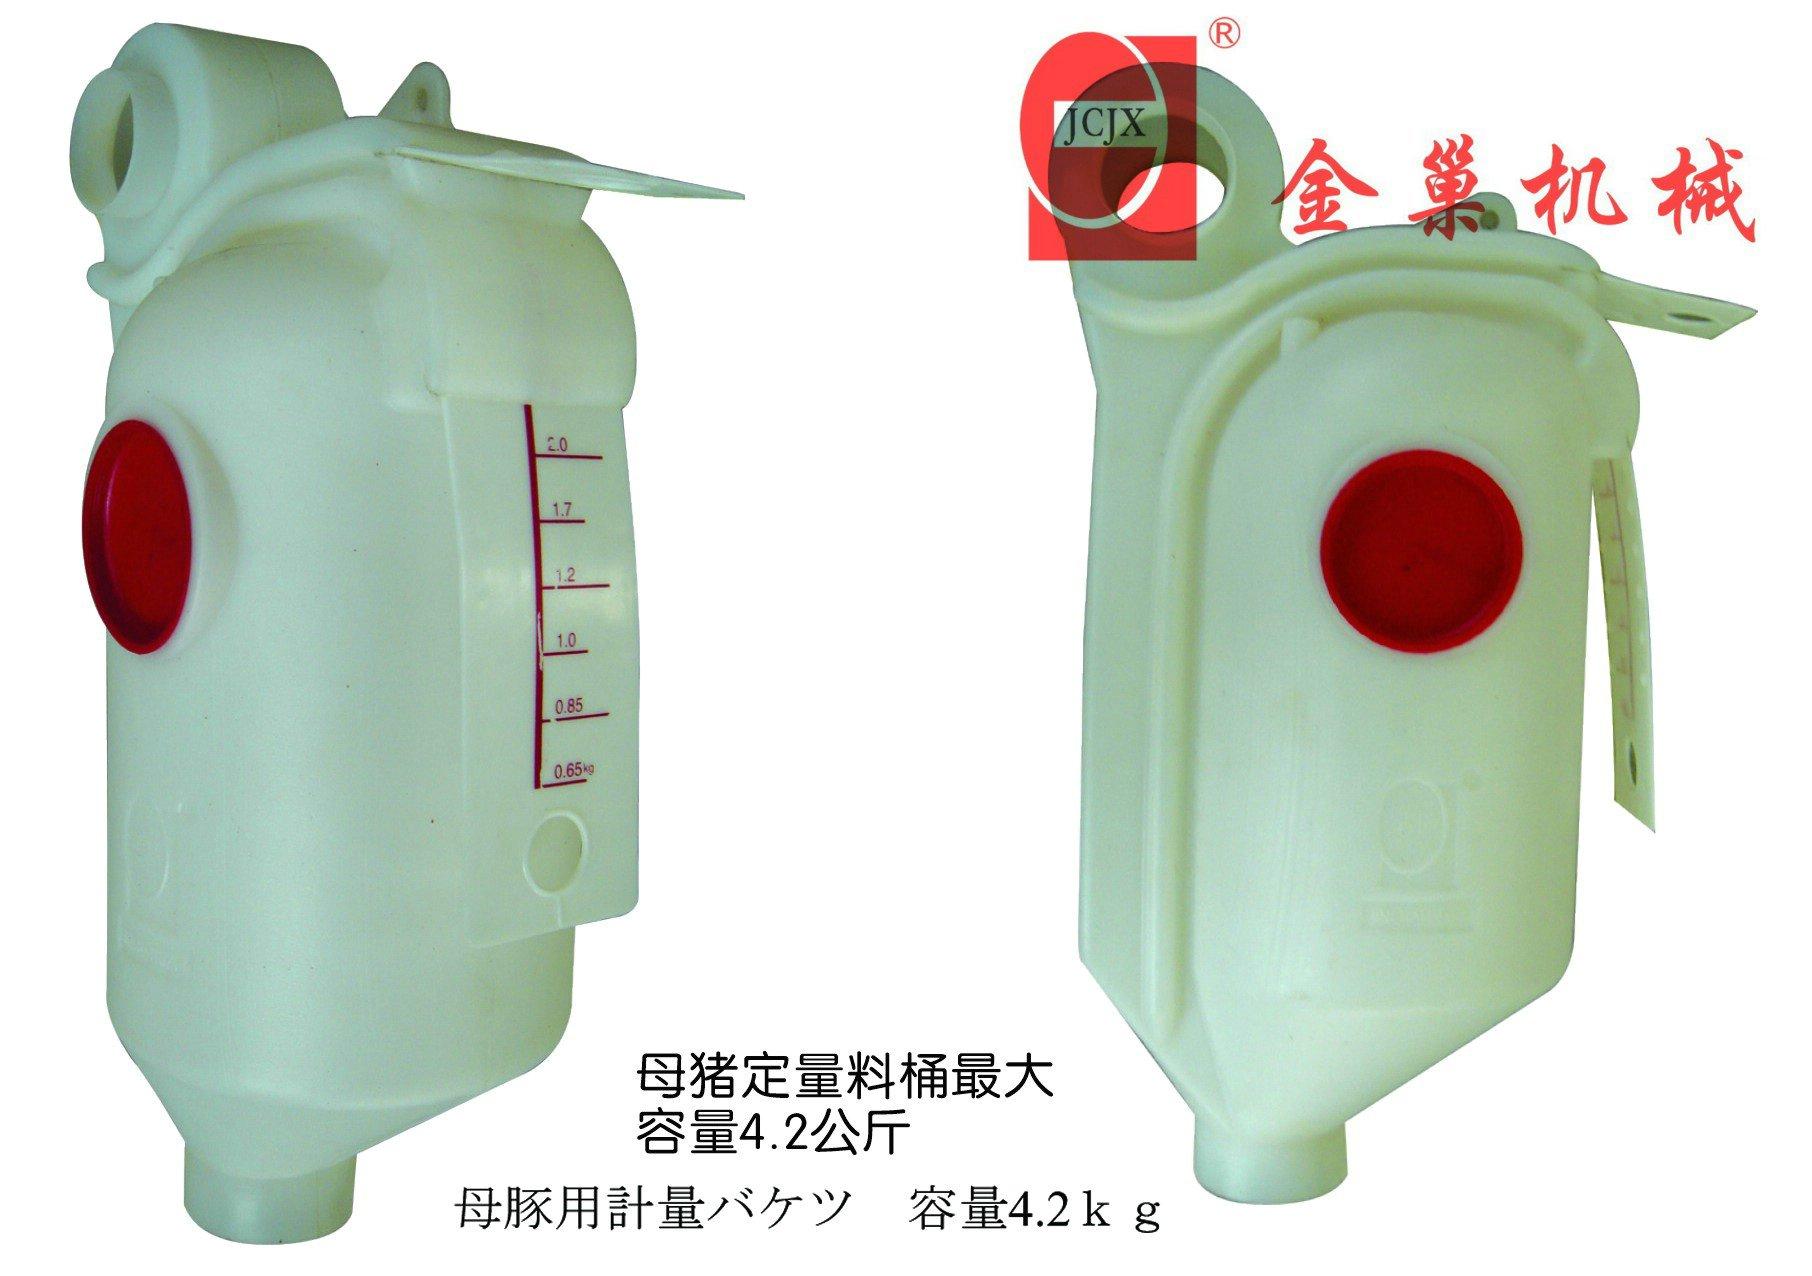 pig feeder 2.jpg